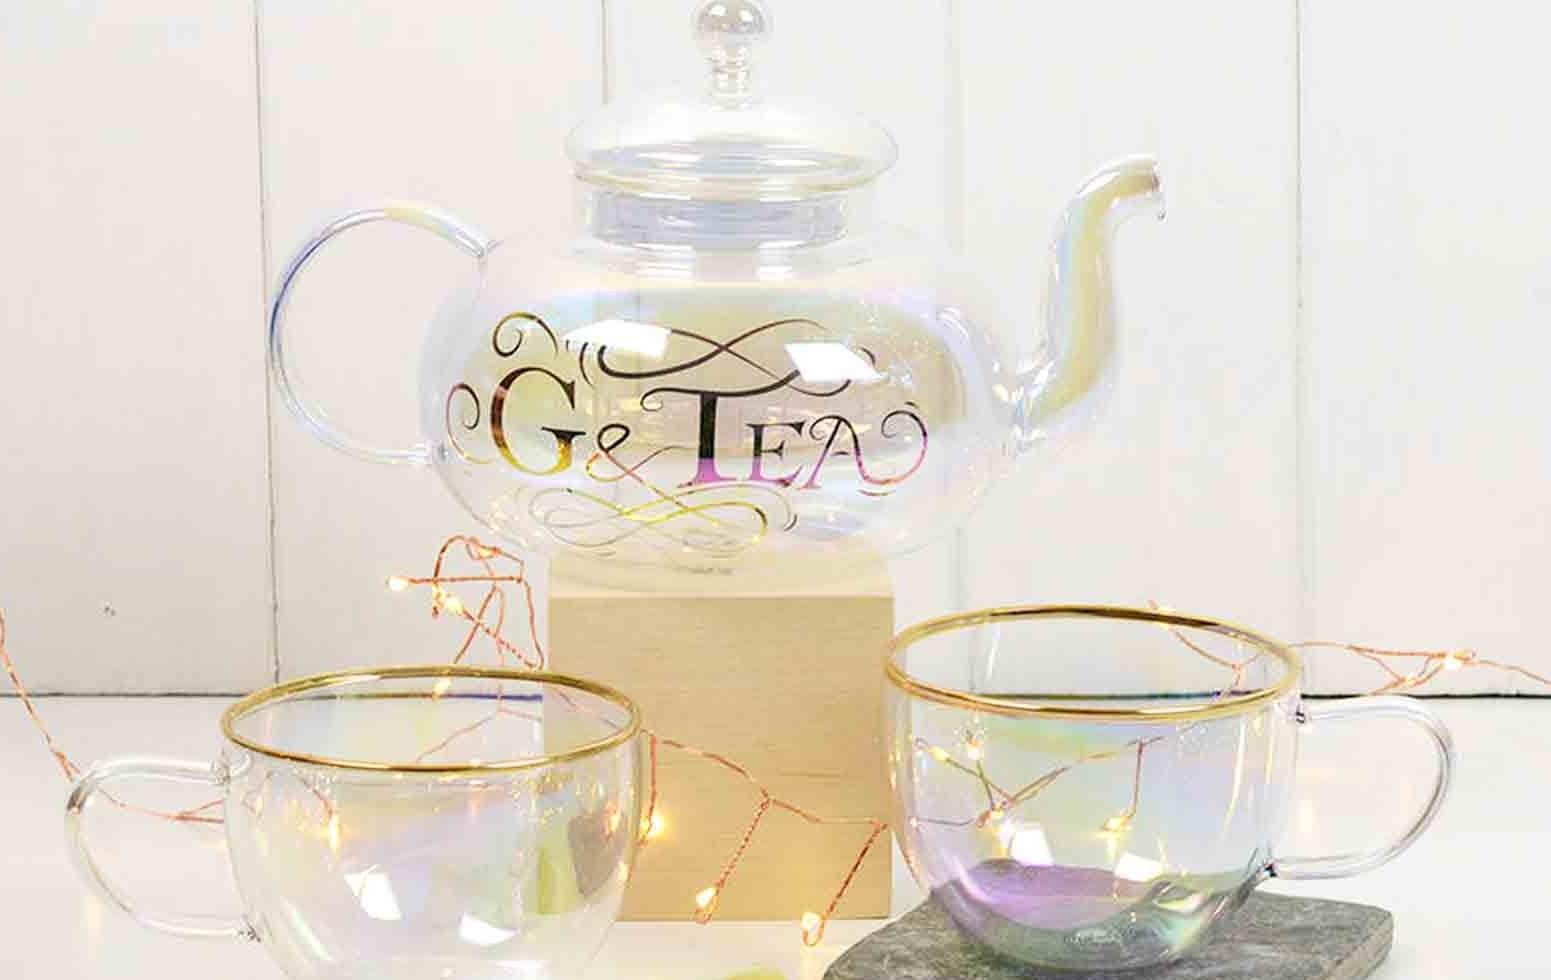 El juego de té para mayores de 18 años ha llegado al mercado. Foto: Toast Life.